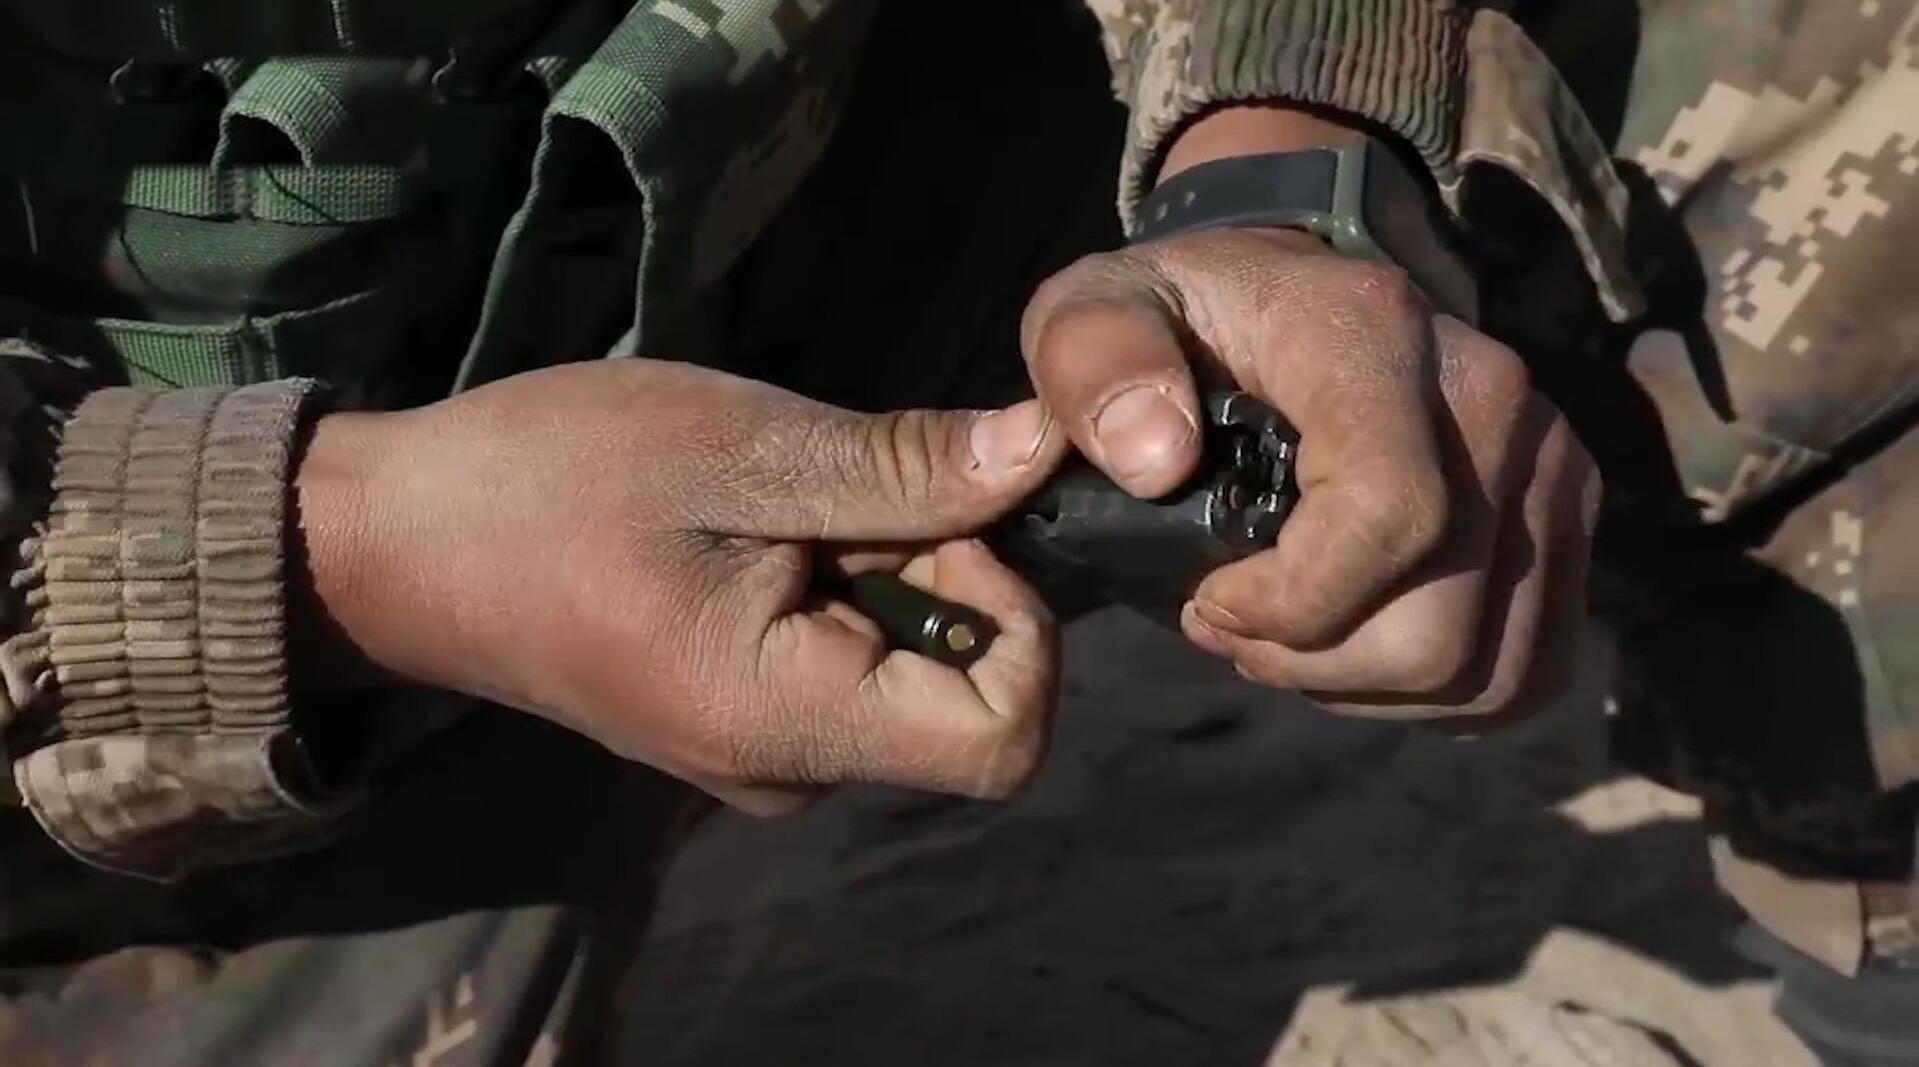 在海拔4000米的帕米尔高原上,武警战士用实弹燃烧热血青春!